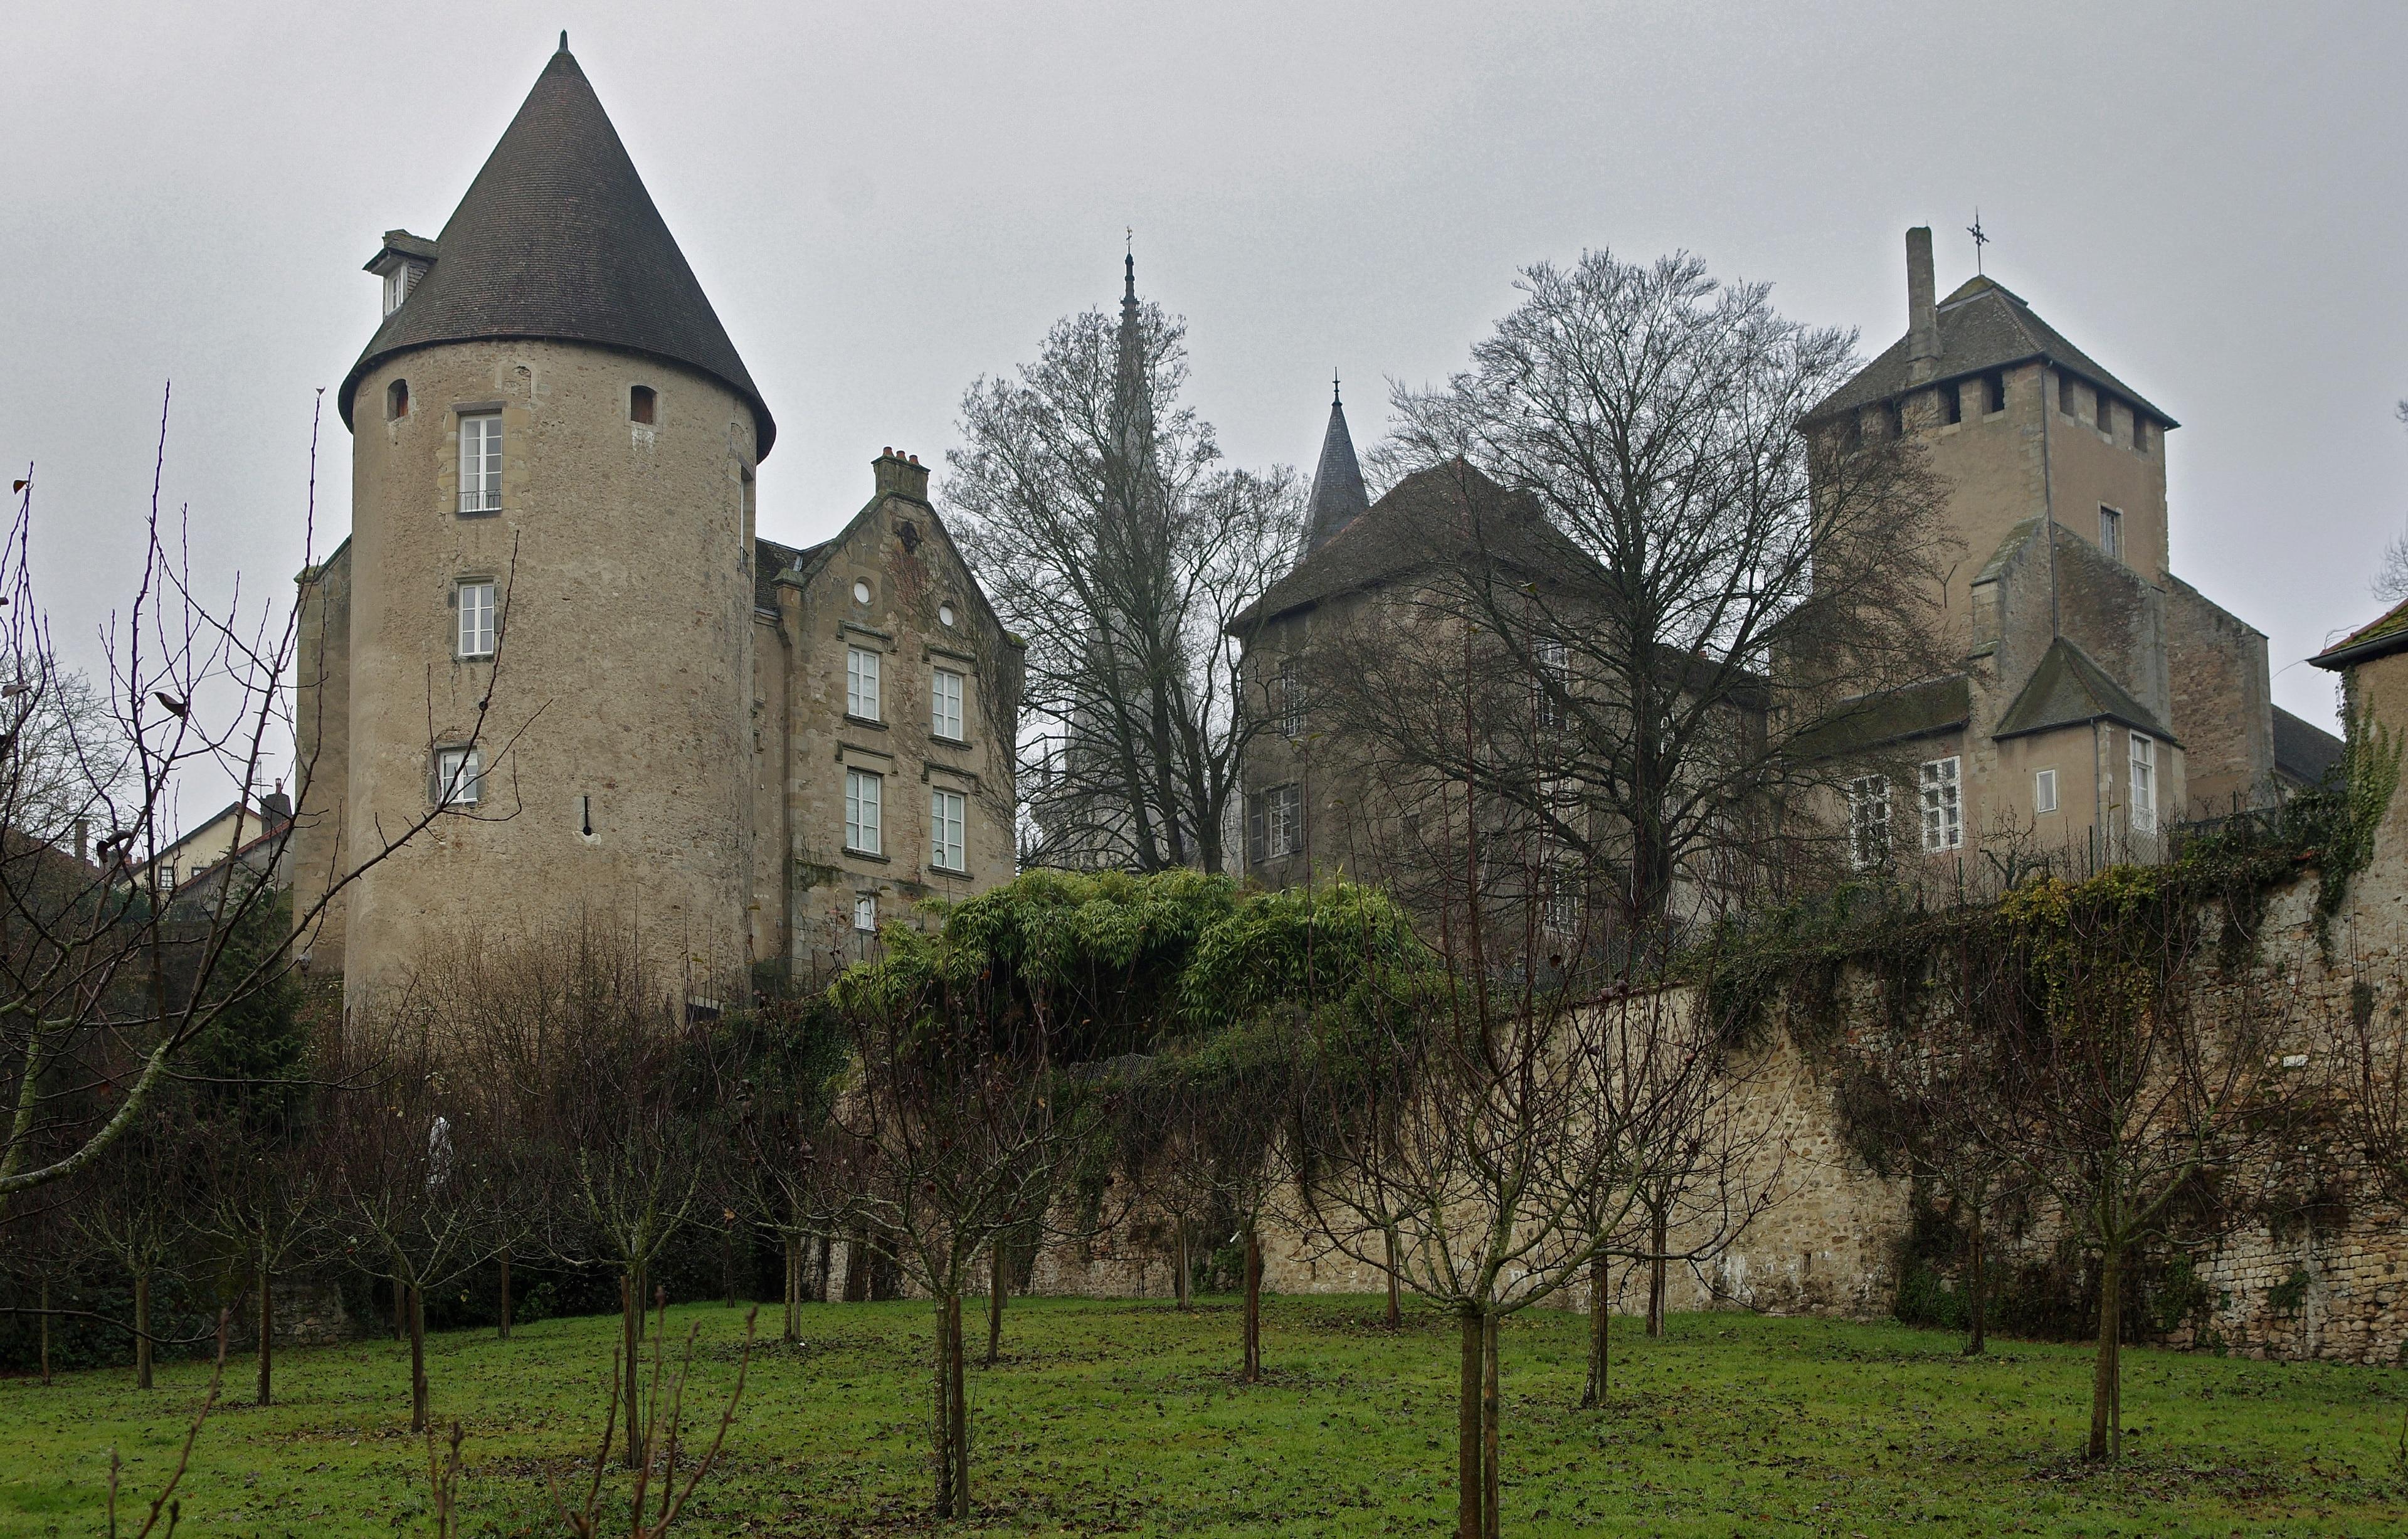 Autun, Saone-et-Loire, France